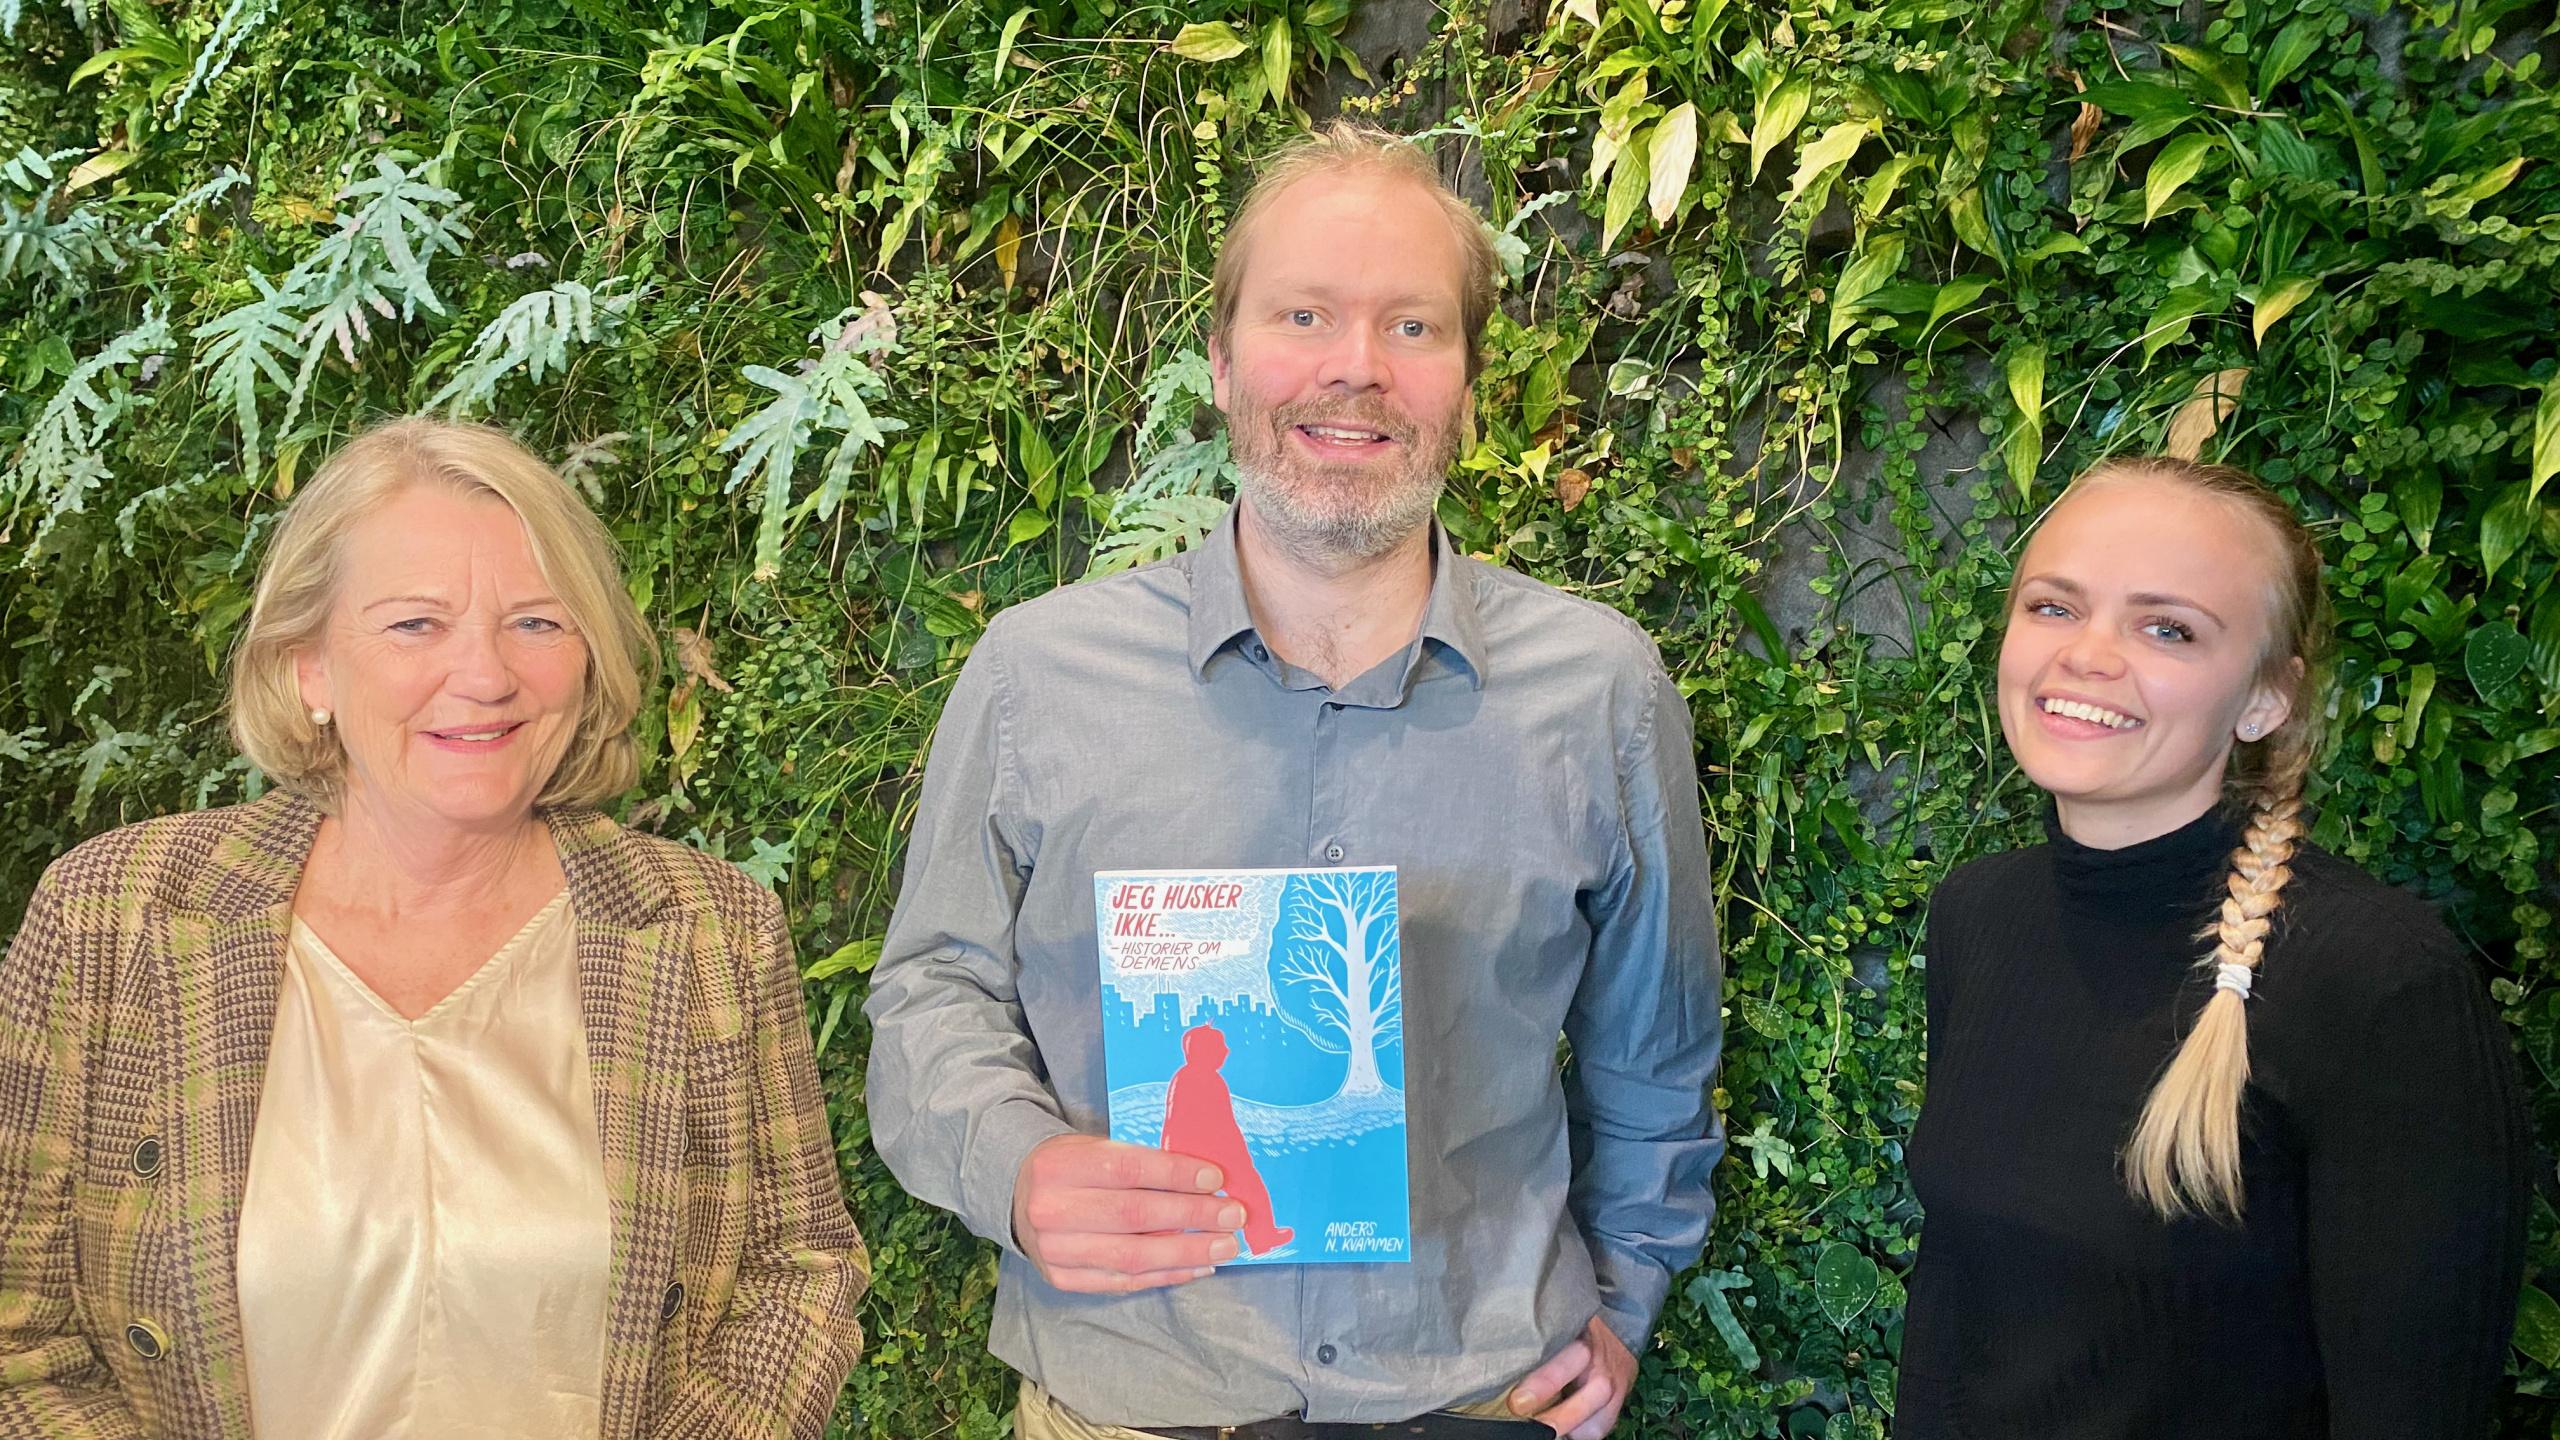 Mann med bok flankert av to kvinner.